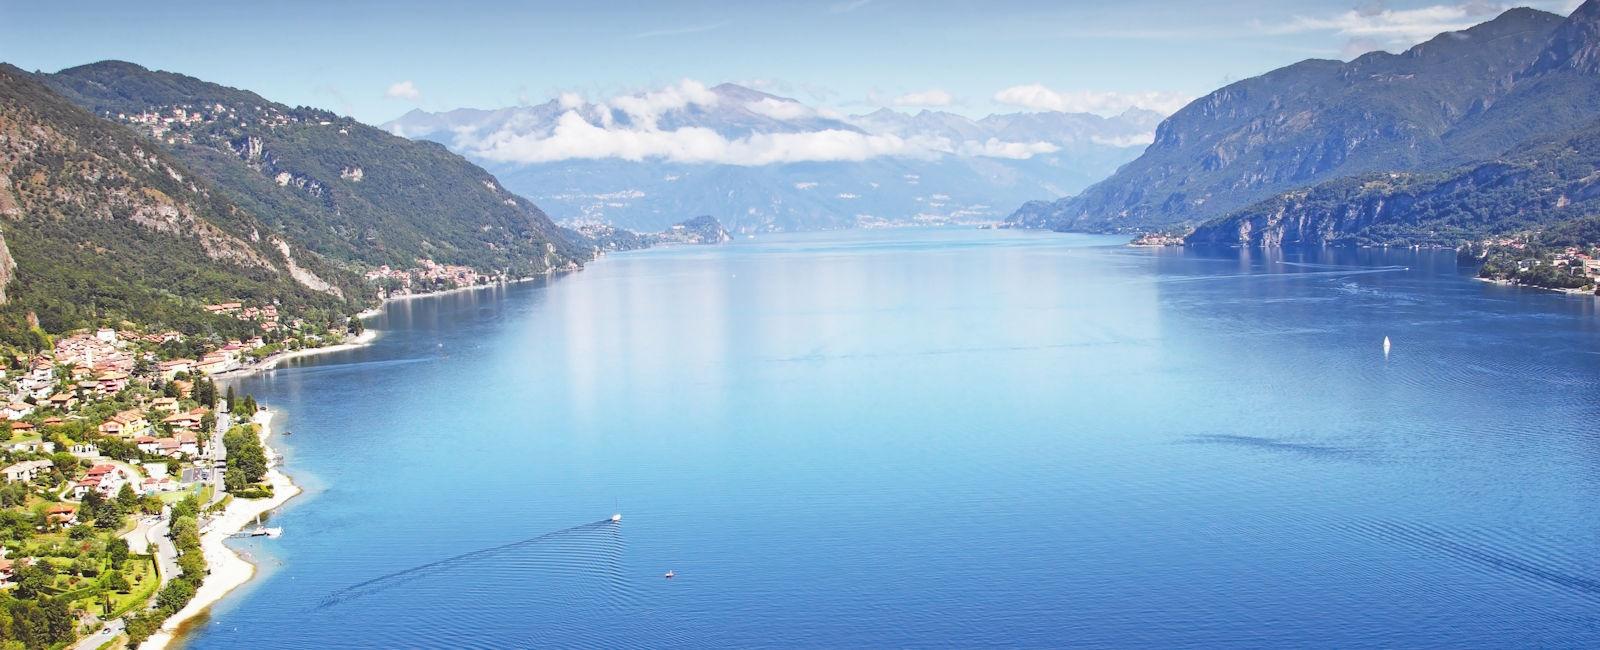 lake como holidays